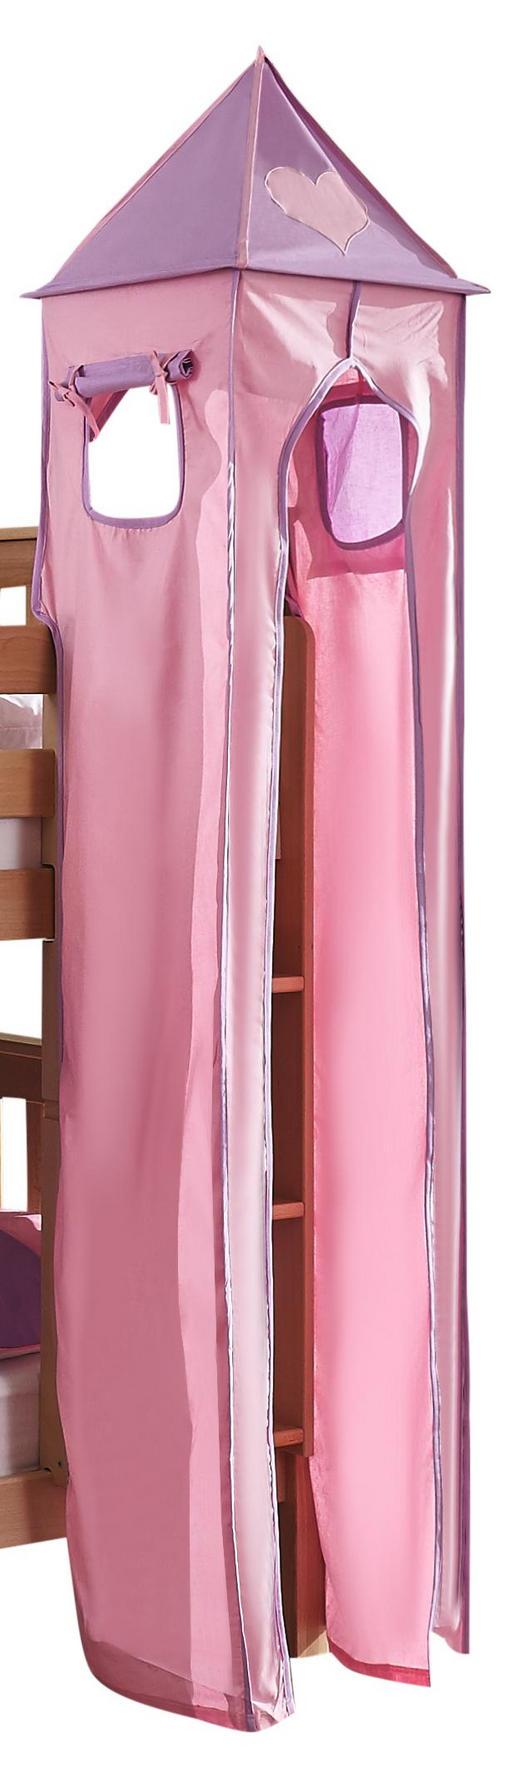 TURMSET Flieder, Rosa - Flieder/Rosa, Design, Textil (40/200/40cm)